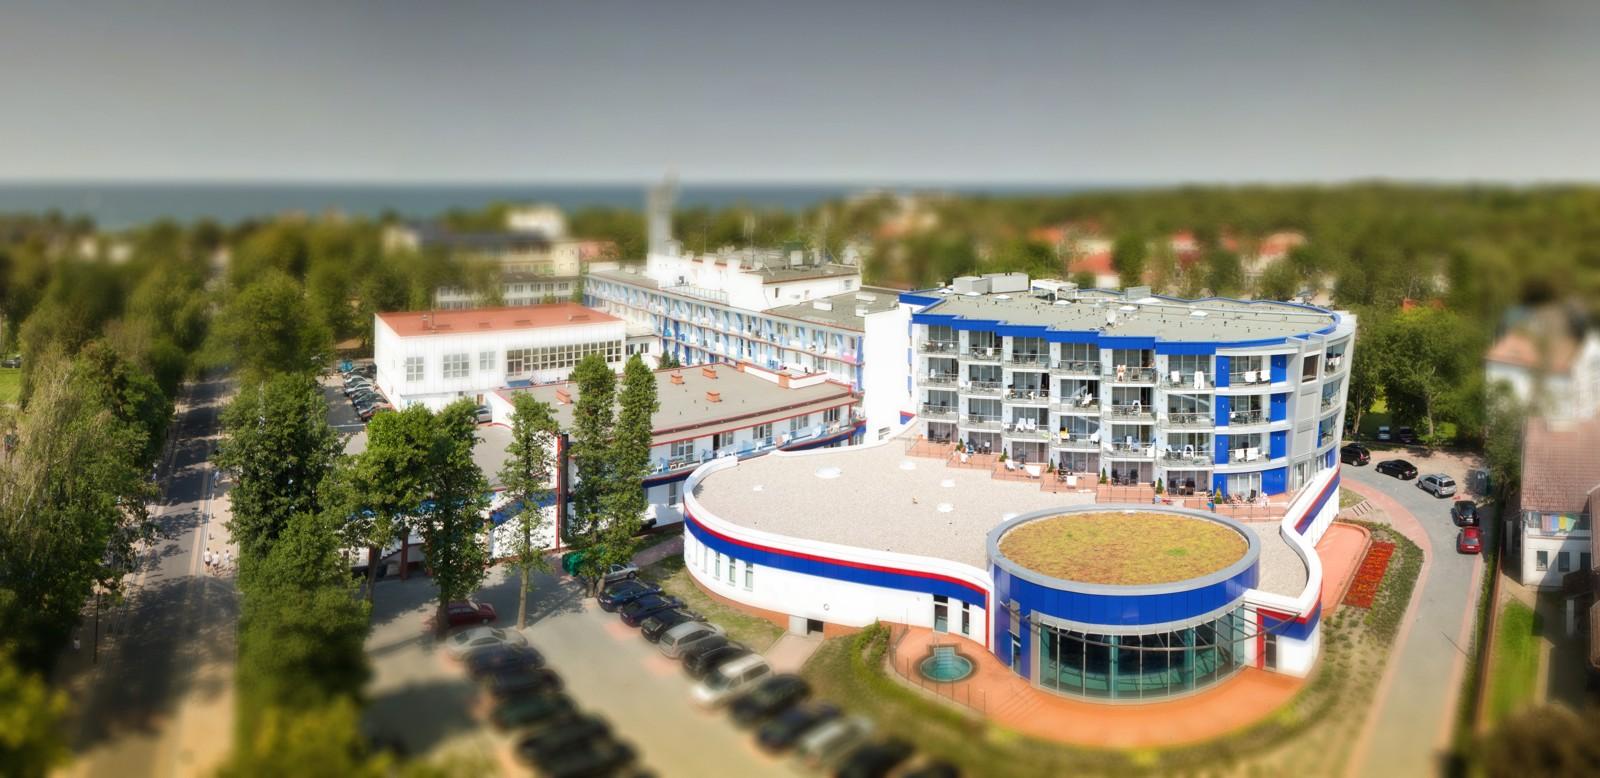 widok z góry Hotelu Unitral w Mielnie, projekt budynku hotelu